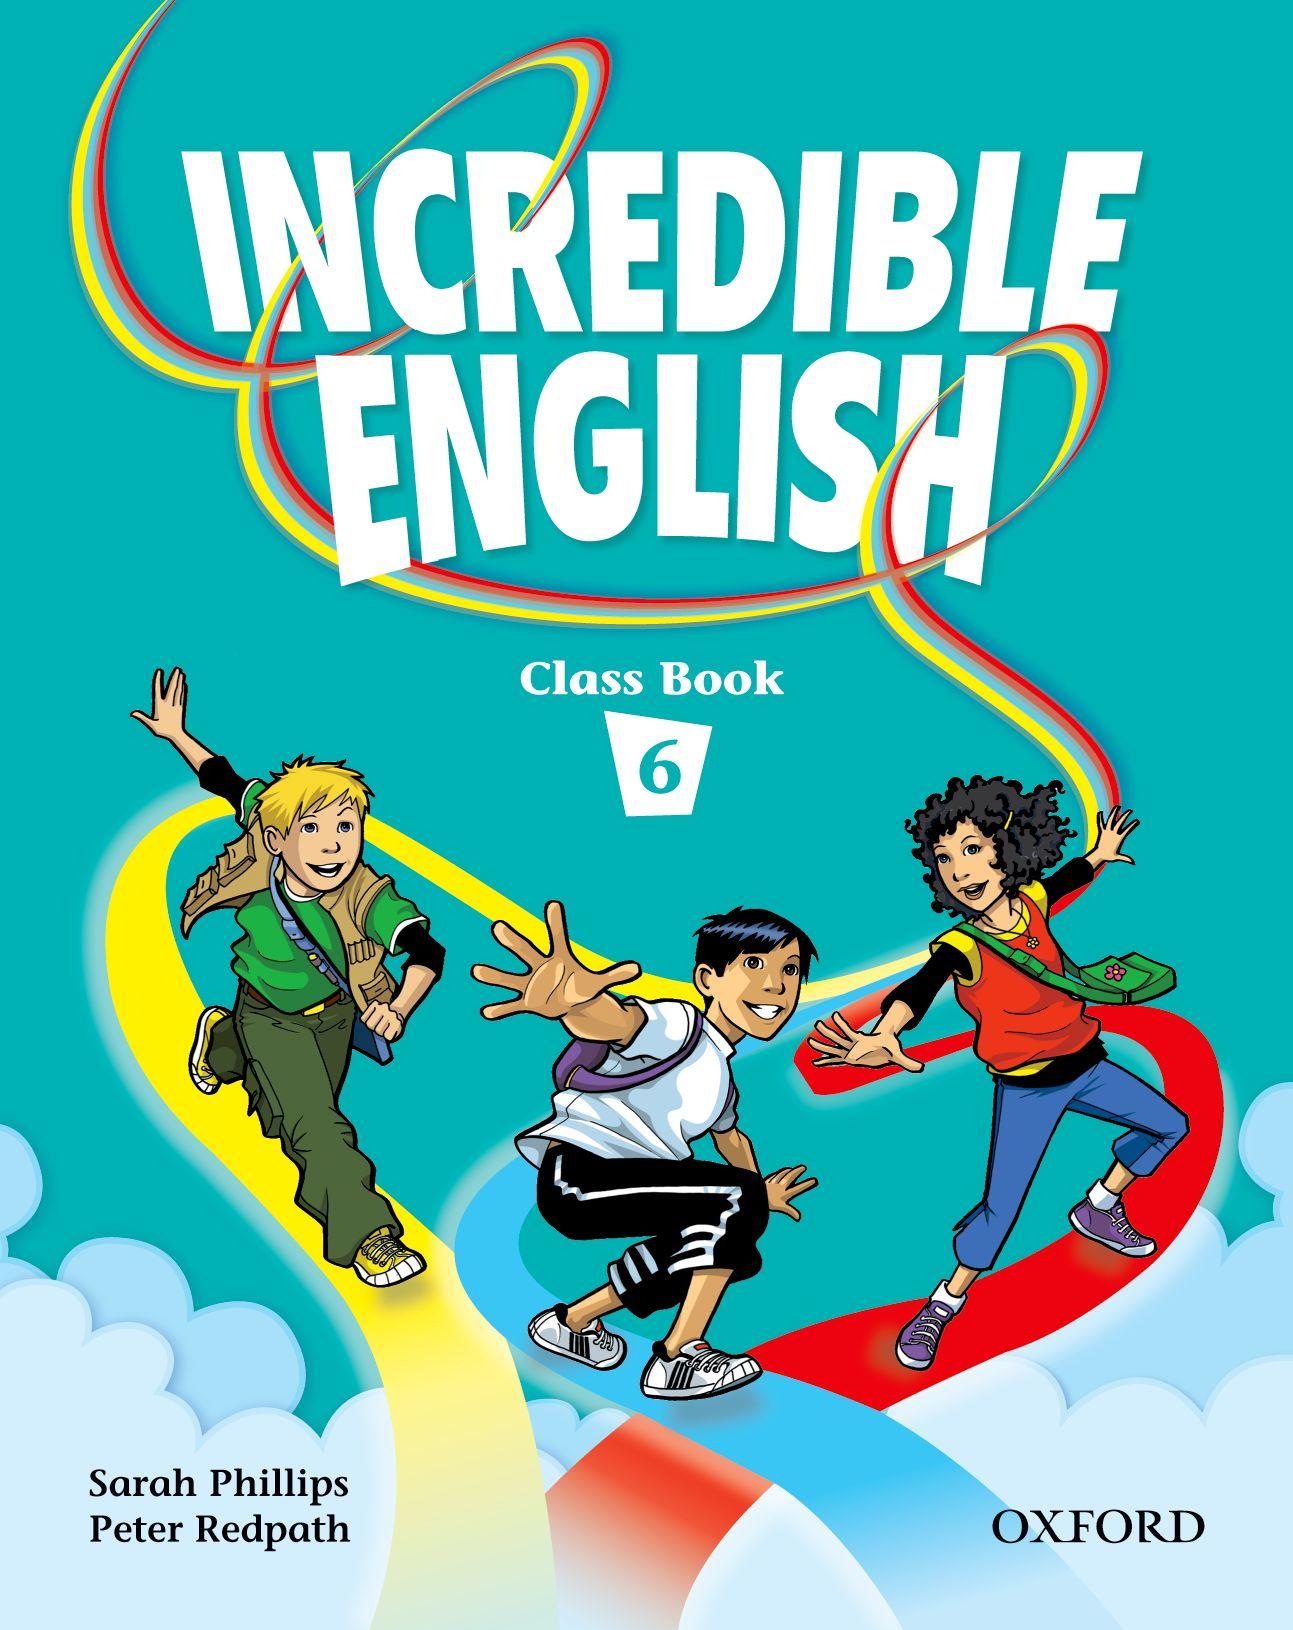 INCREDIBLE ENGLISHLISH 6 CB incredible englishlish 2e 6 ab